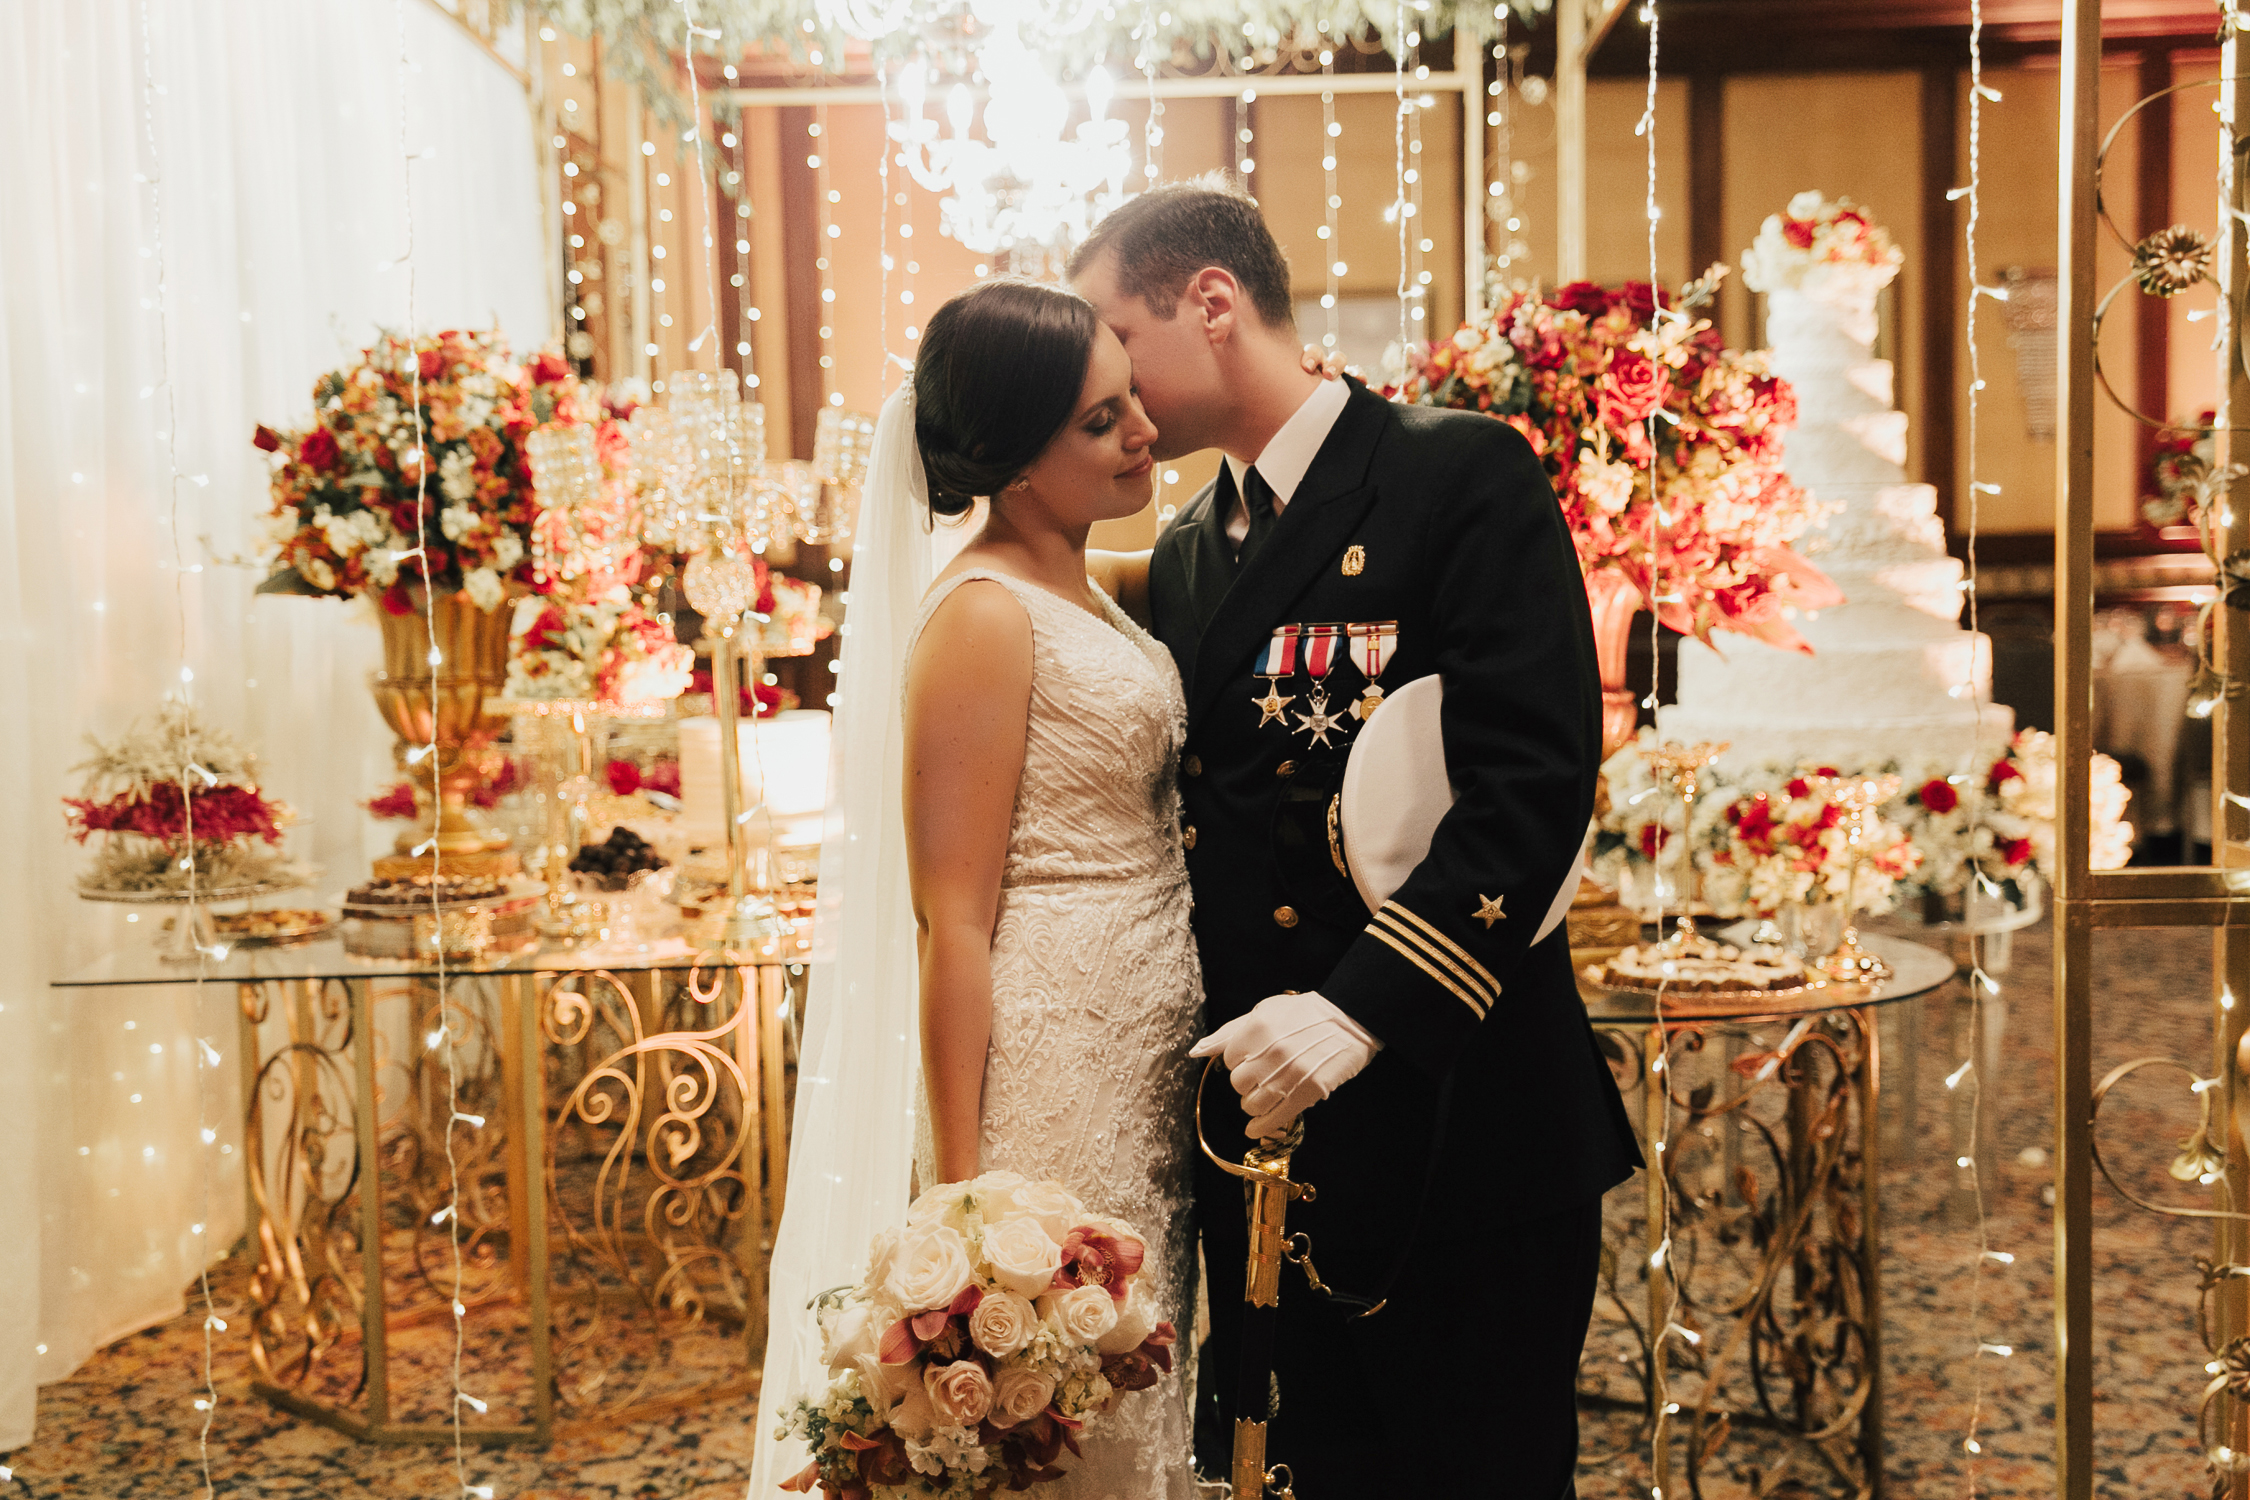 Michelle-Agurto-Fotografia-Bodas-Ecuador-Destination-Wedding-Photographer-Ecuador-Mercedes-Alvaro-124.JPG